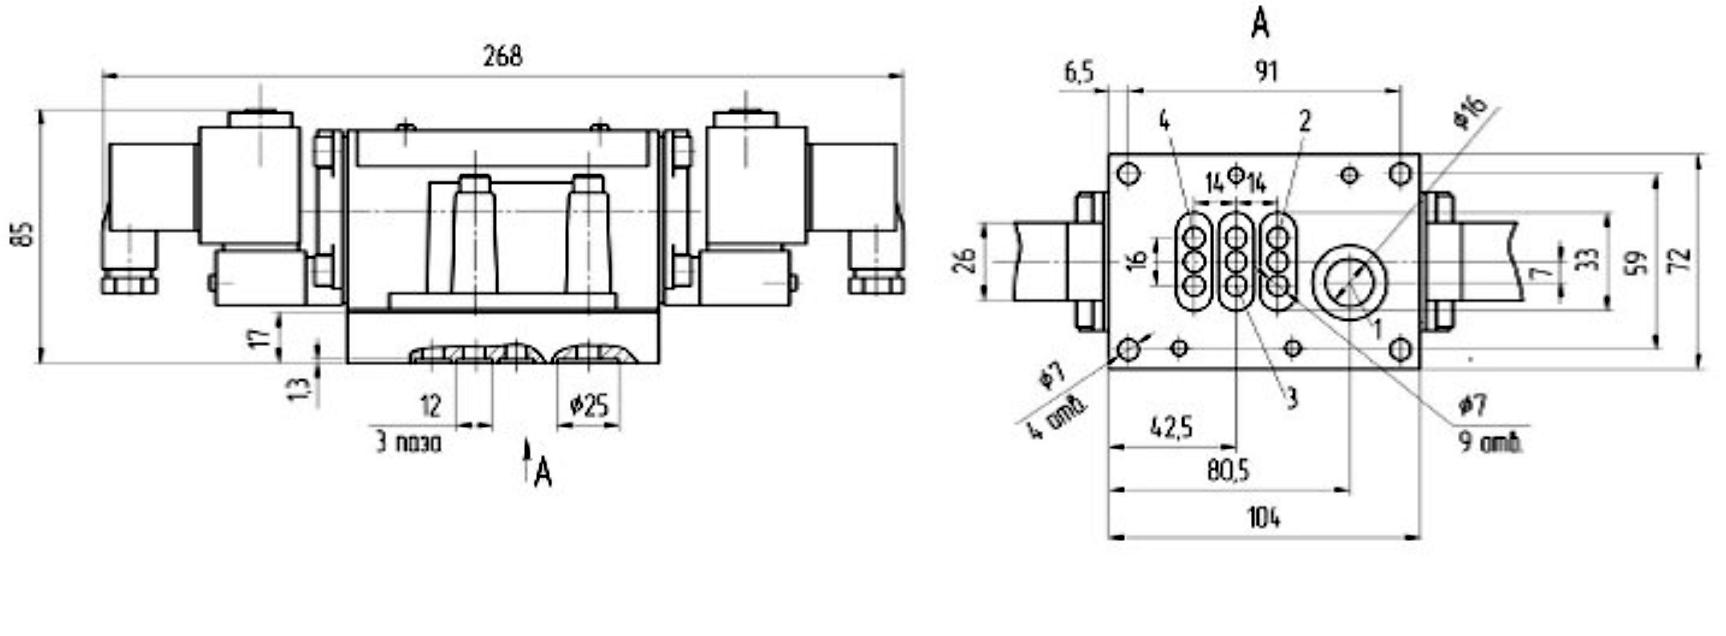 Присоединительные и габаритные размеры пневмораспределителей В64-14А-05, В64-15А-05 (стыковой монтаж)